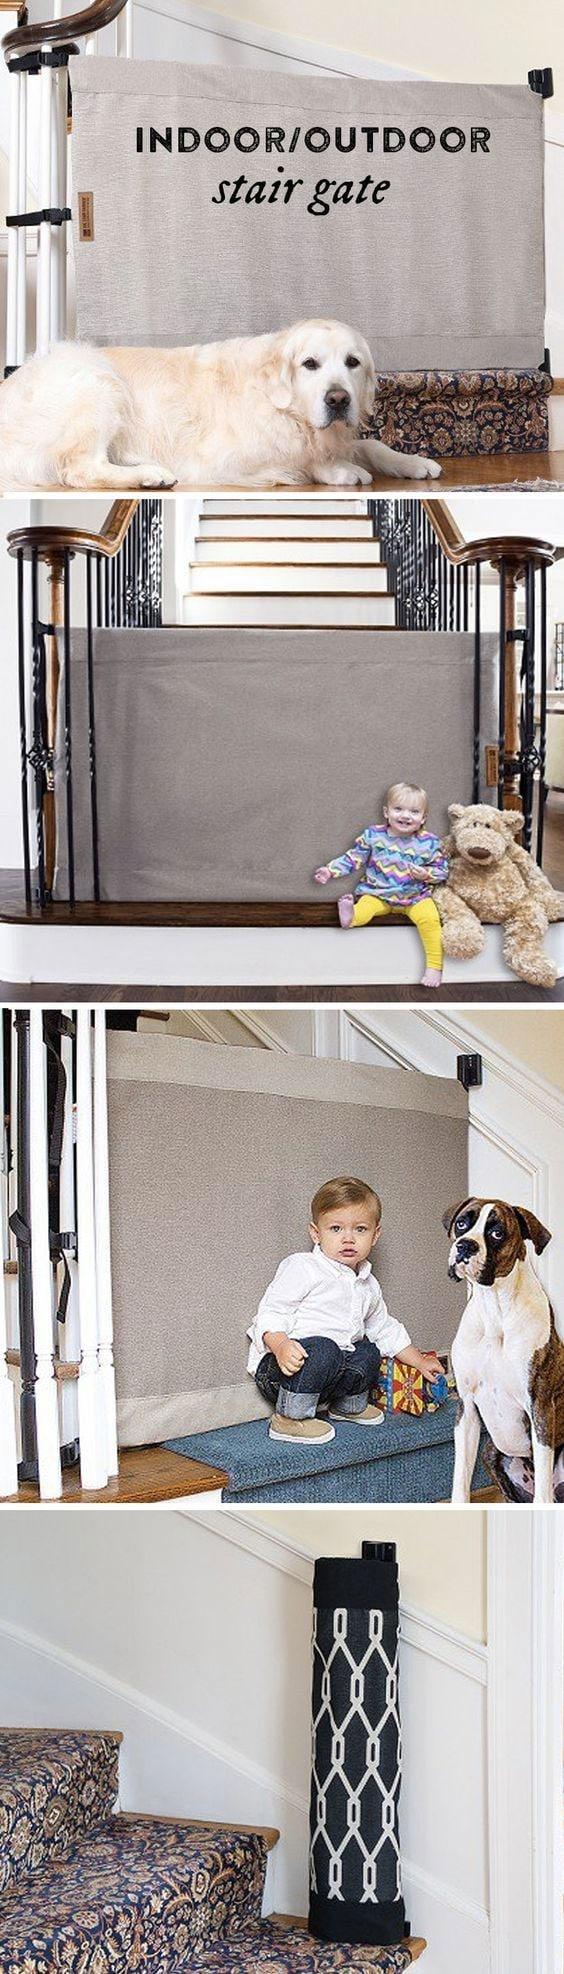 Indoor Outdoor Stair Gate